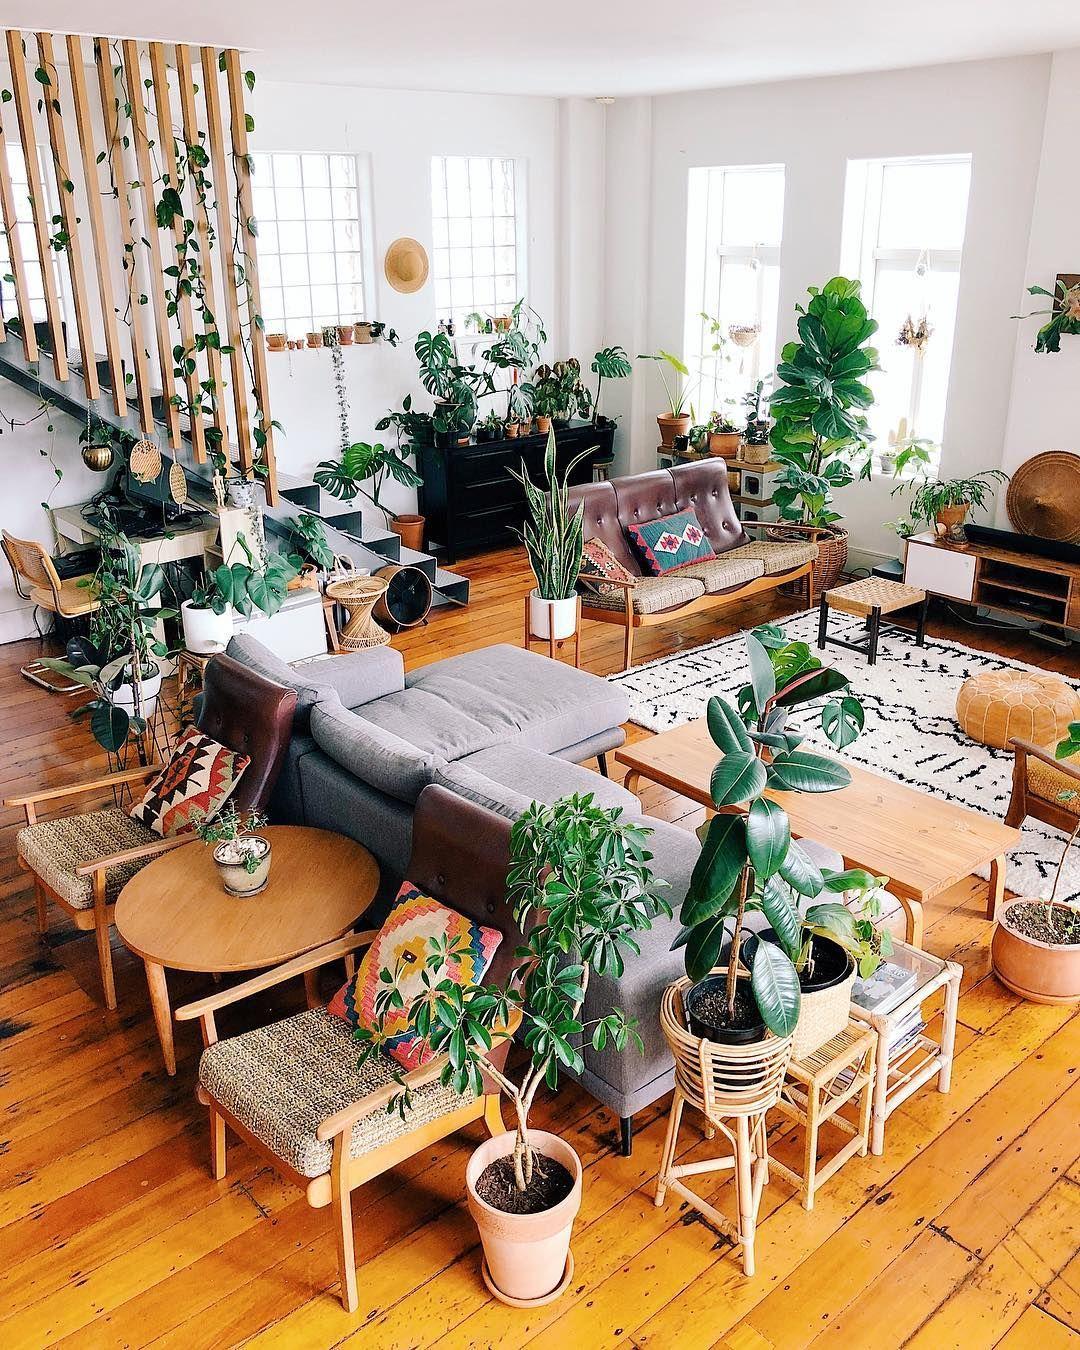 Ron Goh Mrcigar Instagram Photos And Videos Dekorasi Ruang Tamu Kecil Ruang Tamu Bohemian Dekorasi Ruang Tamu Jungle living room ideas